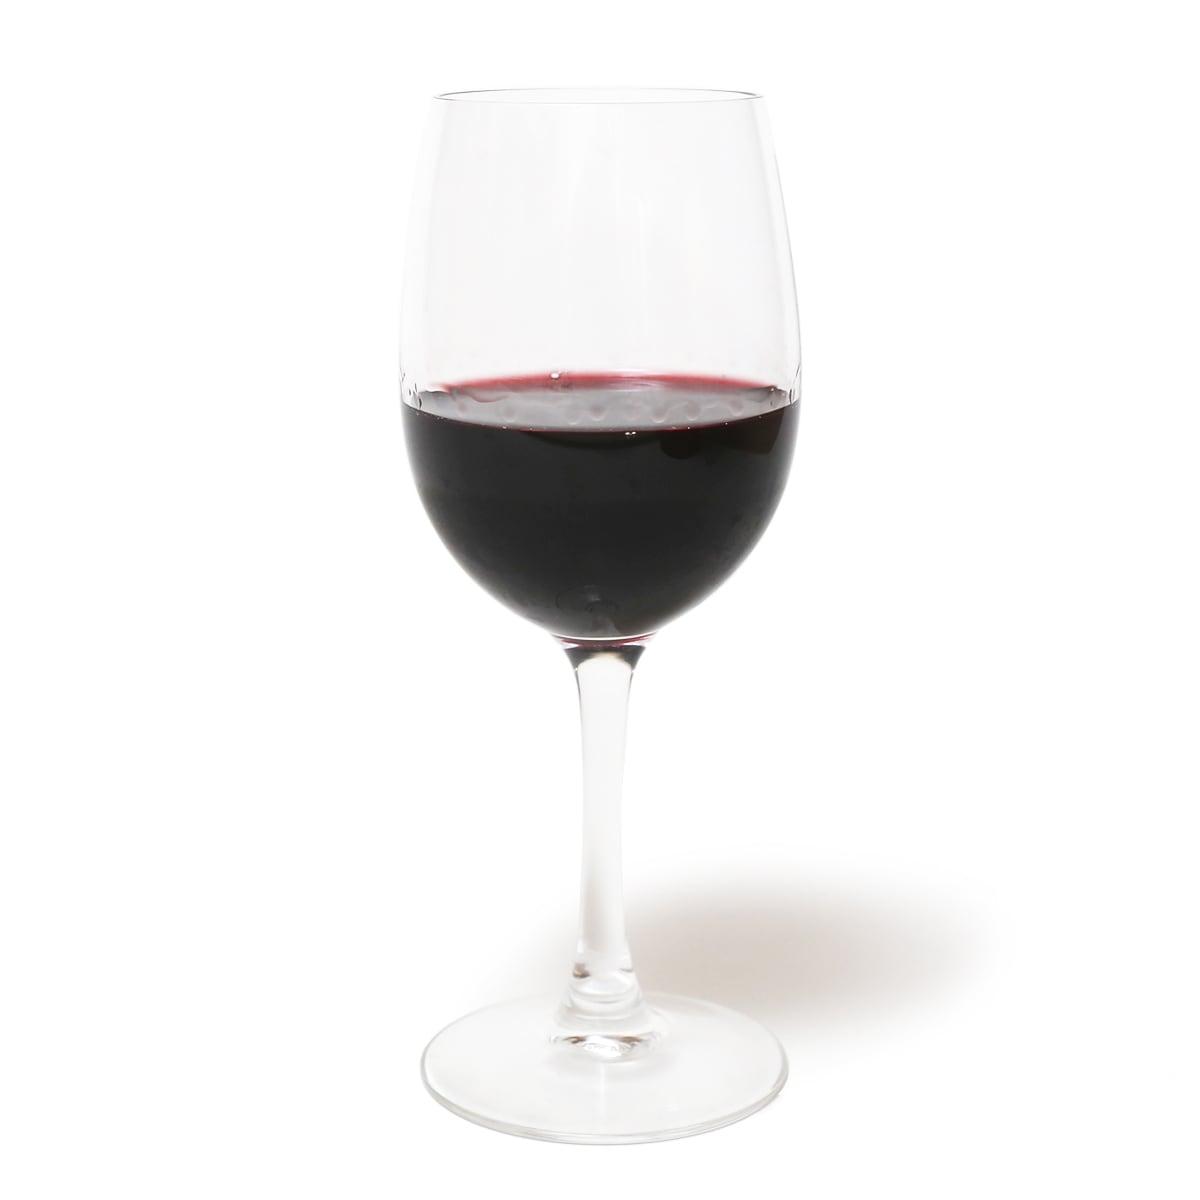 シックス・エイト・ナイン ナパ・ヴァレー レッド グラスに注いだ